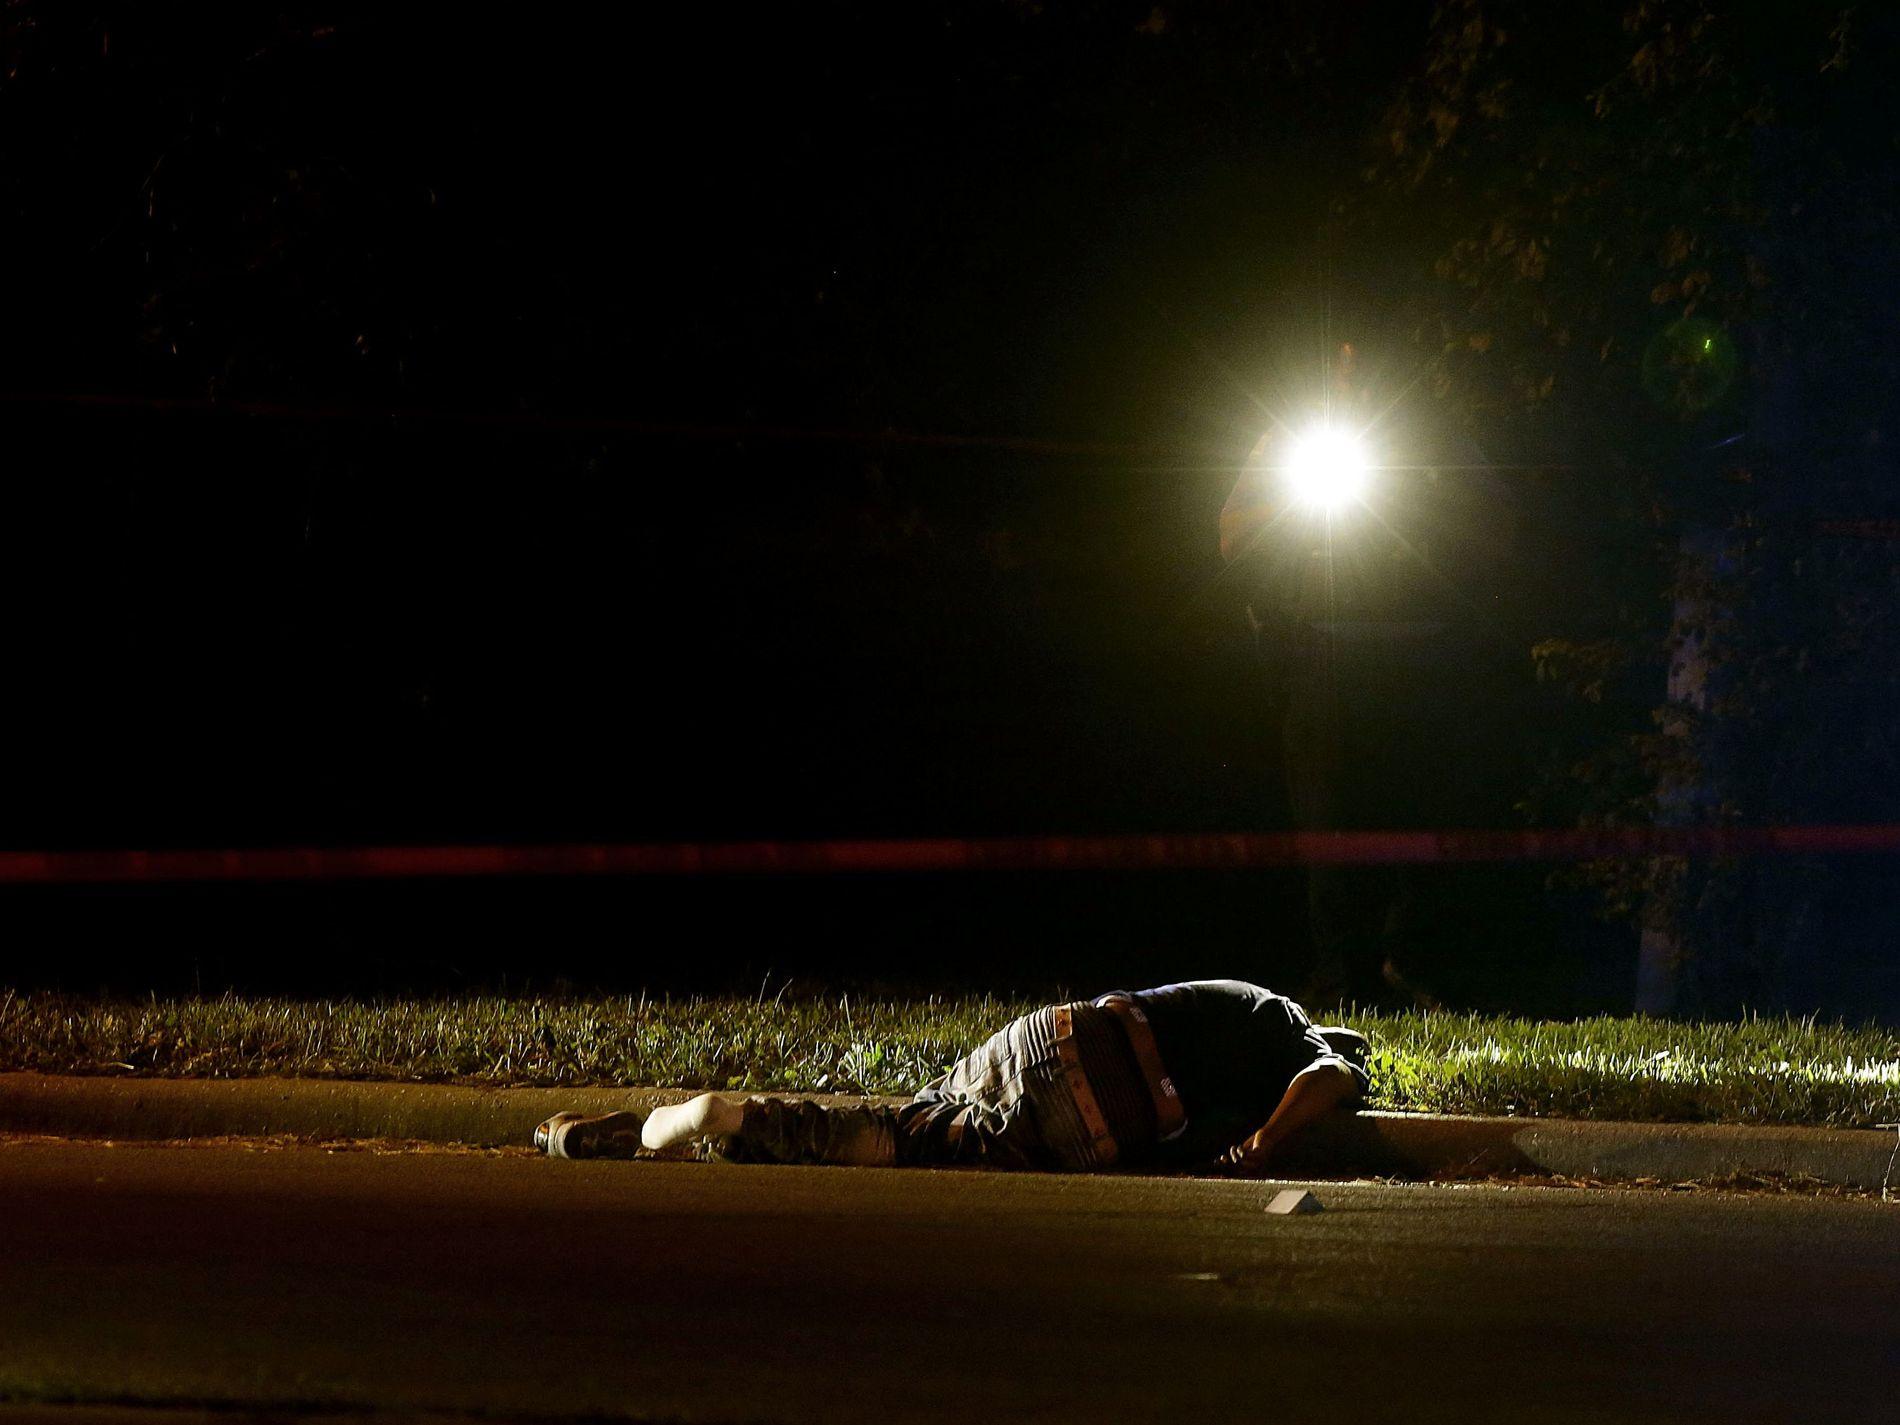 UVANLIG BLODIG: Denne mannen ble skutt og drept mandag 3. juli på Chicagos beryktede vestside. I løpet av fire dager ble 101 personer skutt i byen med 2,7 millioner innbyggere. Foto: AFP